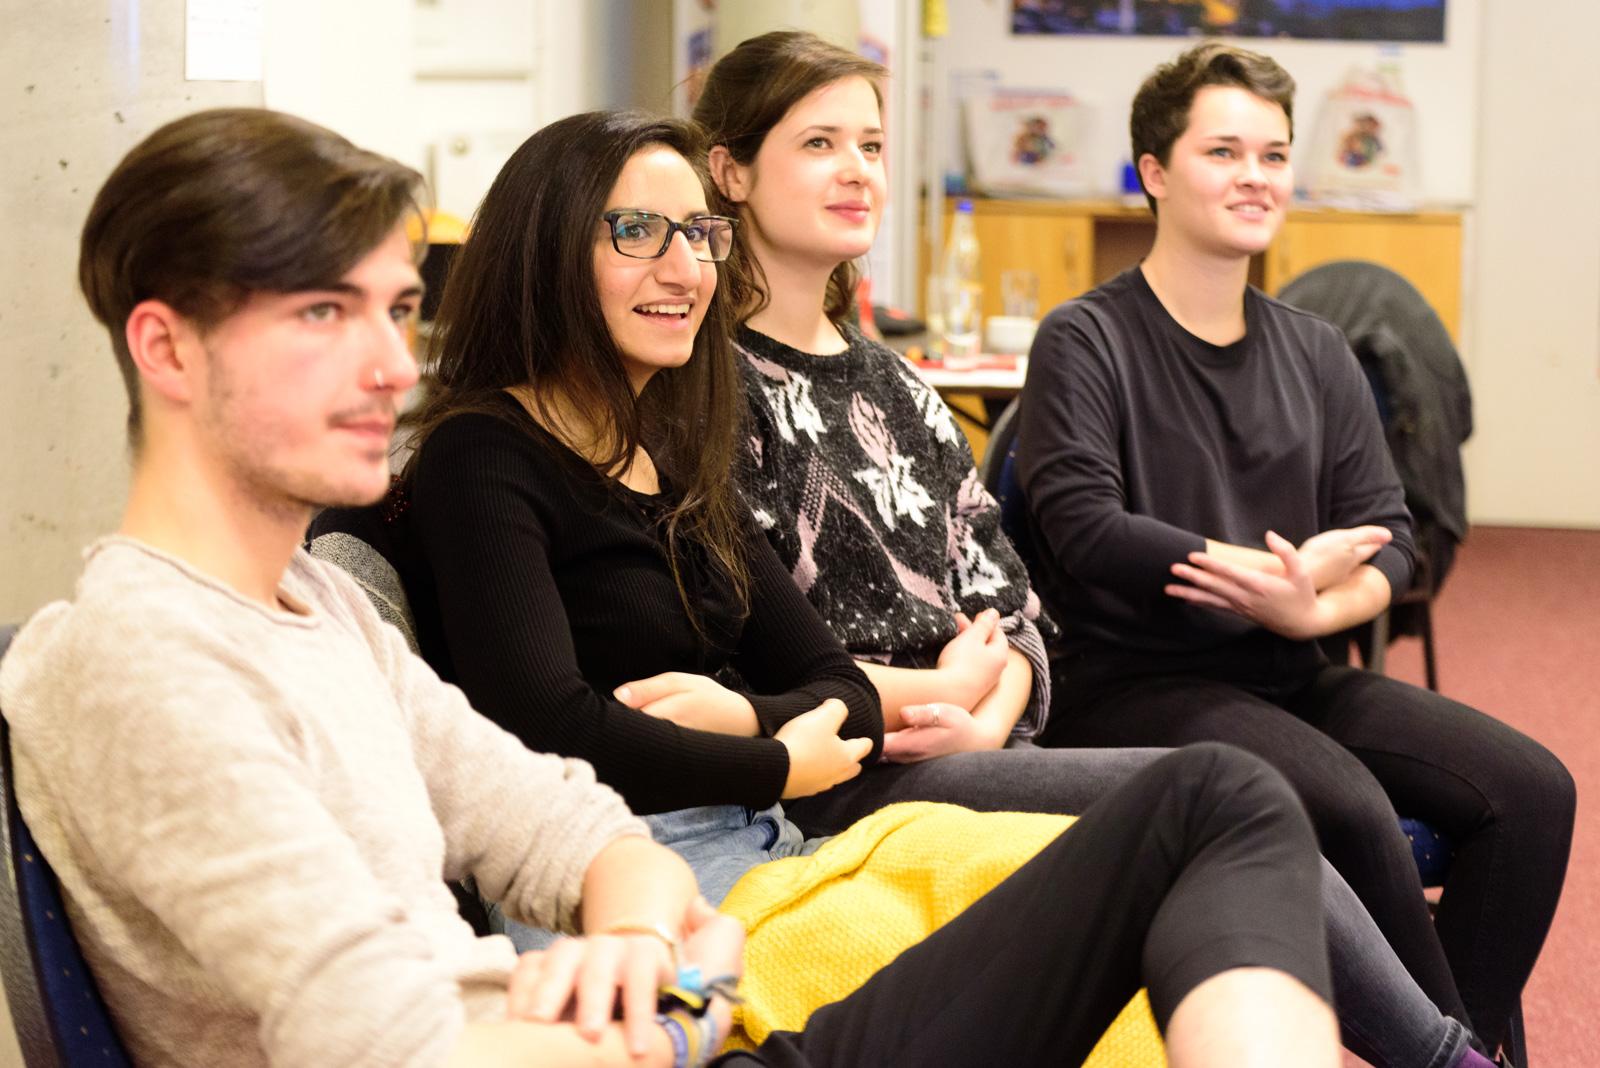 """Drei Frauen und ein Mann sitzen auf Stühlen und gebärden. © Servicestelle Jugendbeteiligung e. V./ Marius Klemm, 2018"""""""